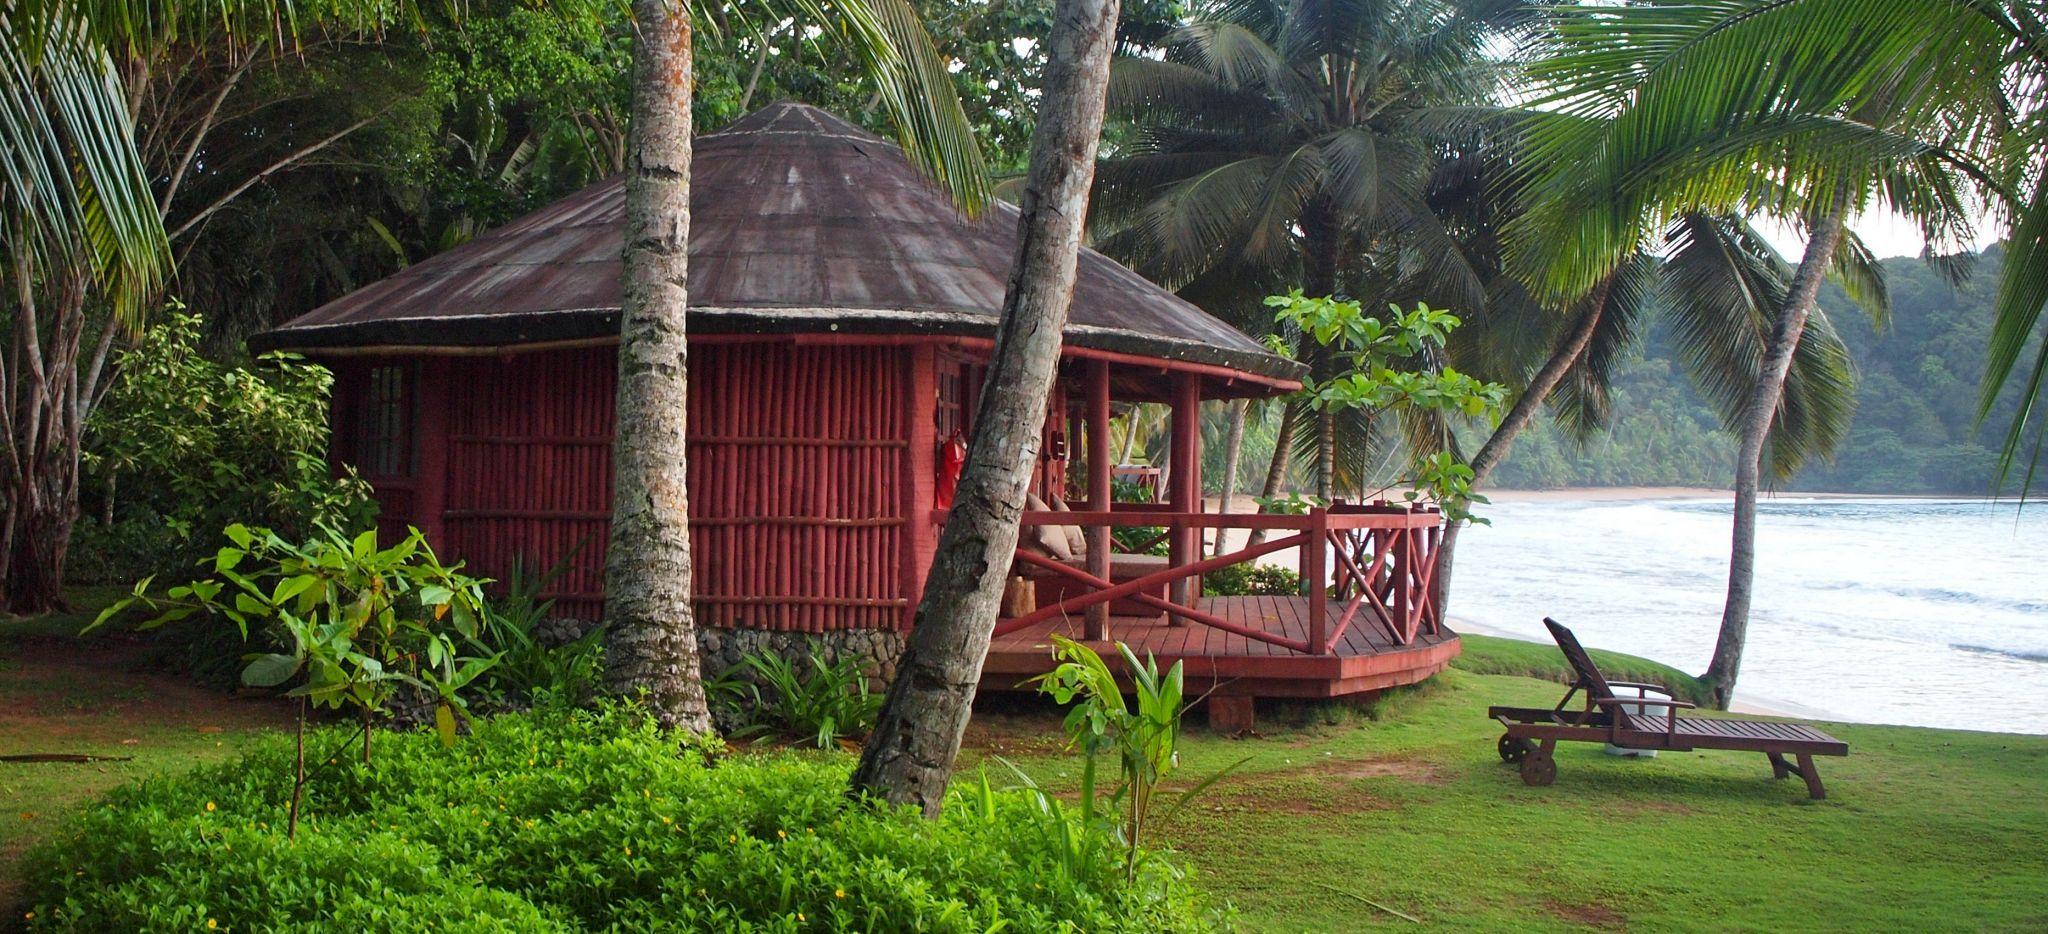 Bungalow direkt am Meer, von tropischem Wald umgeben